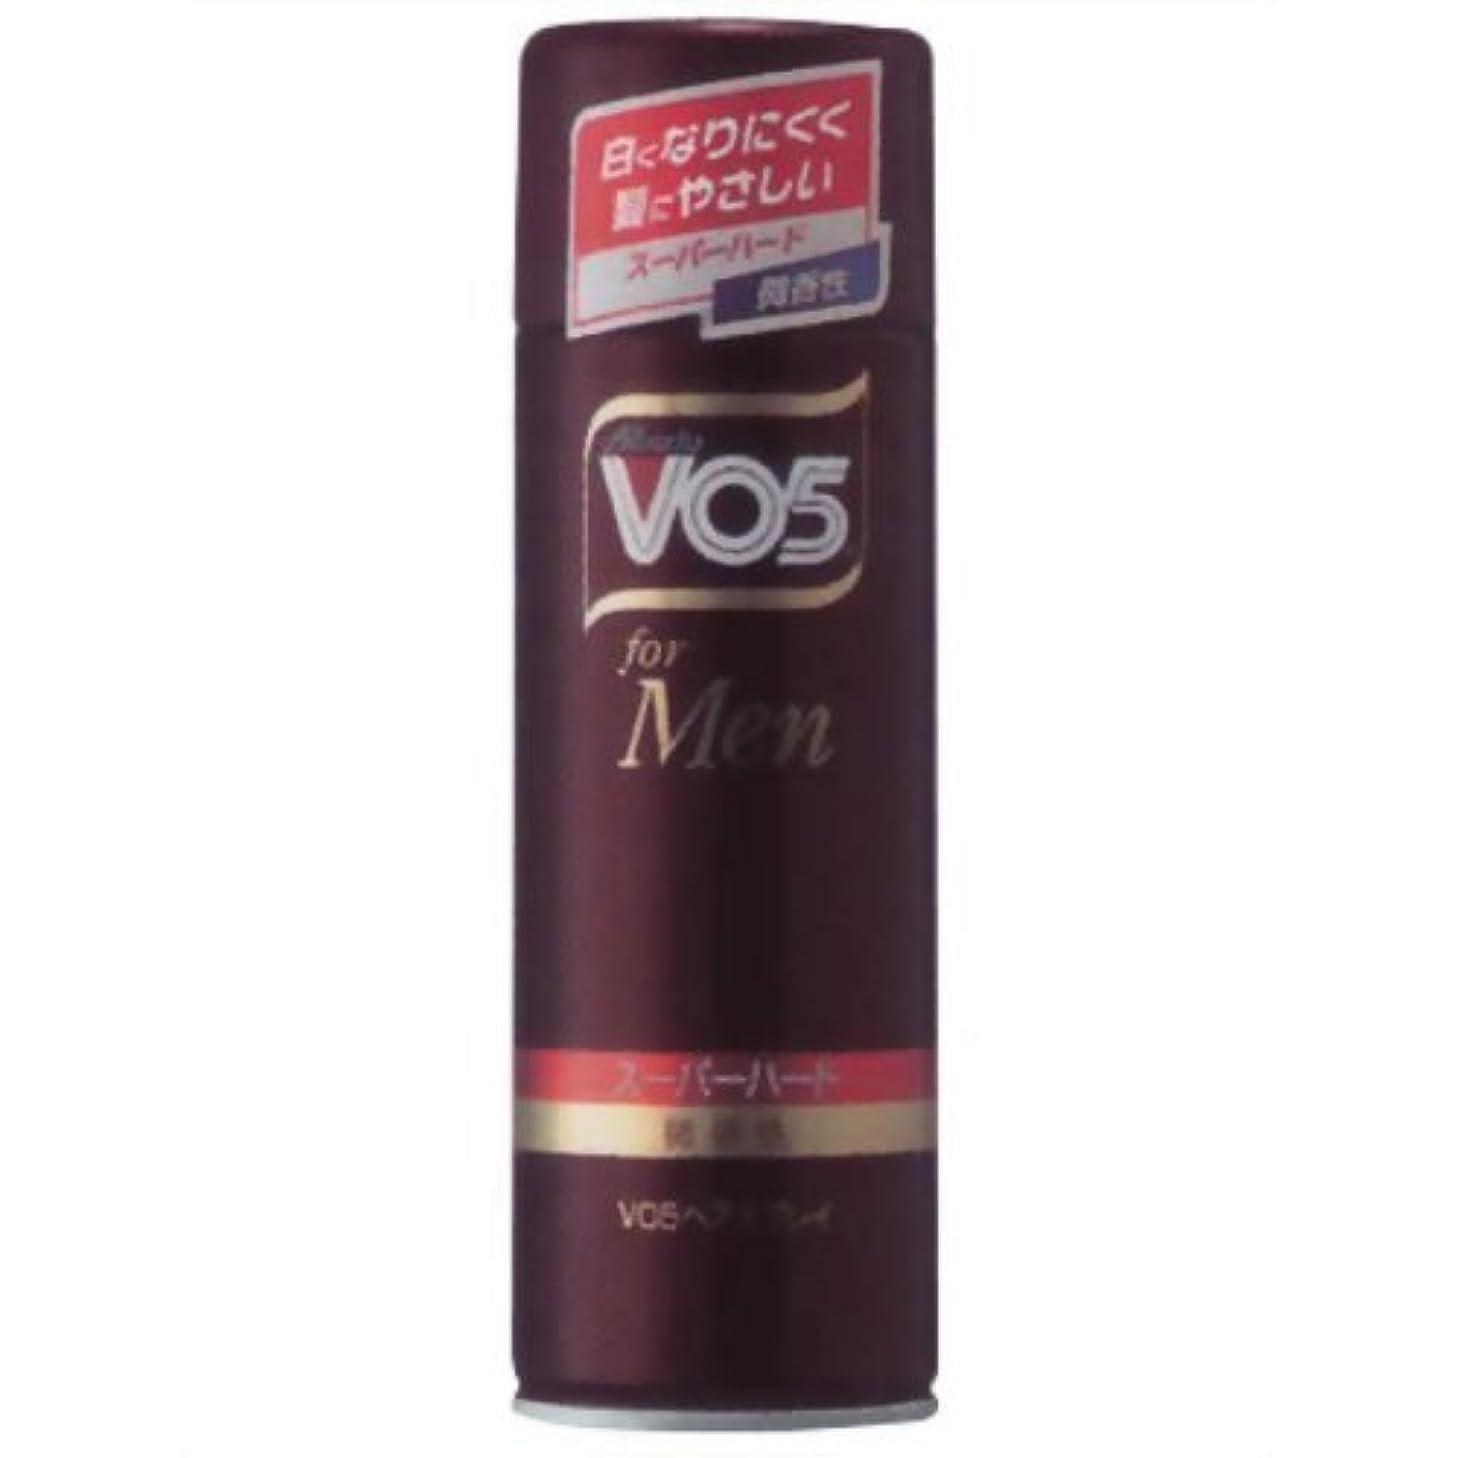 口実暴君離婚VO5 for MEN ヘアスプレイ スーパーハード微香性 260g